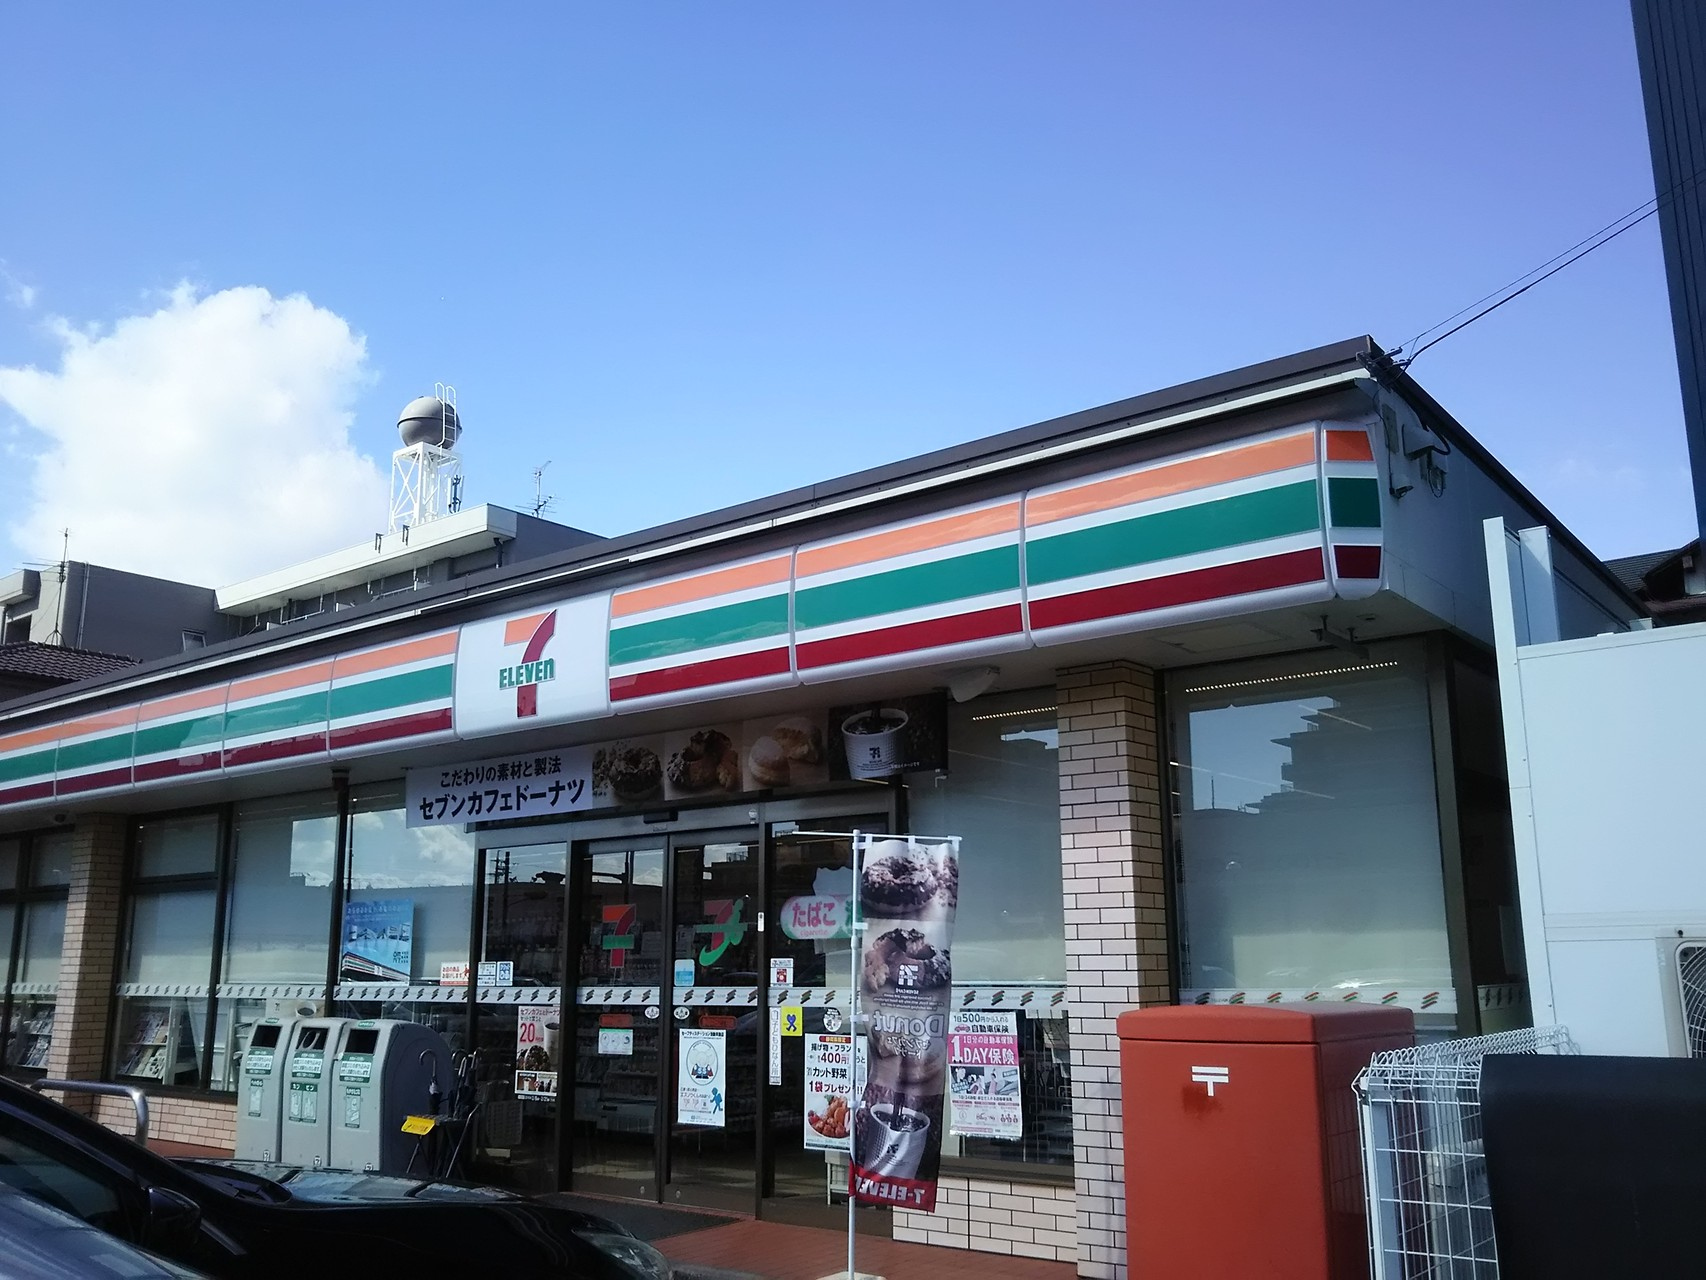 セブンイレブン中田2丁目店